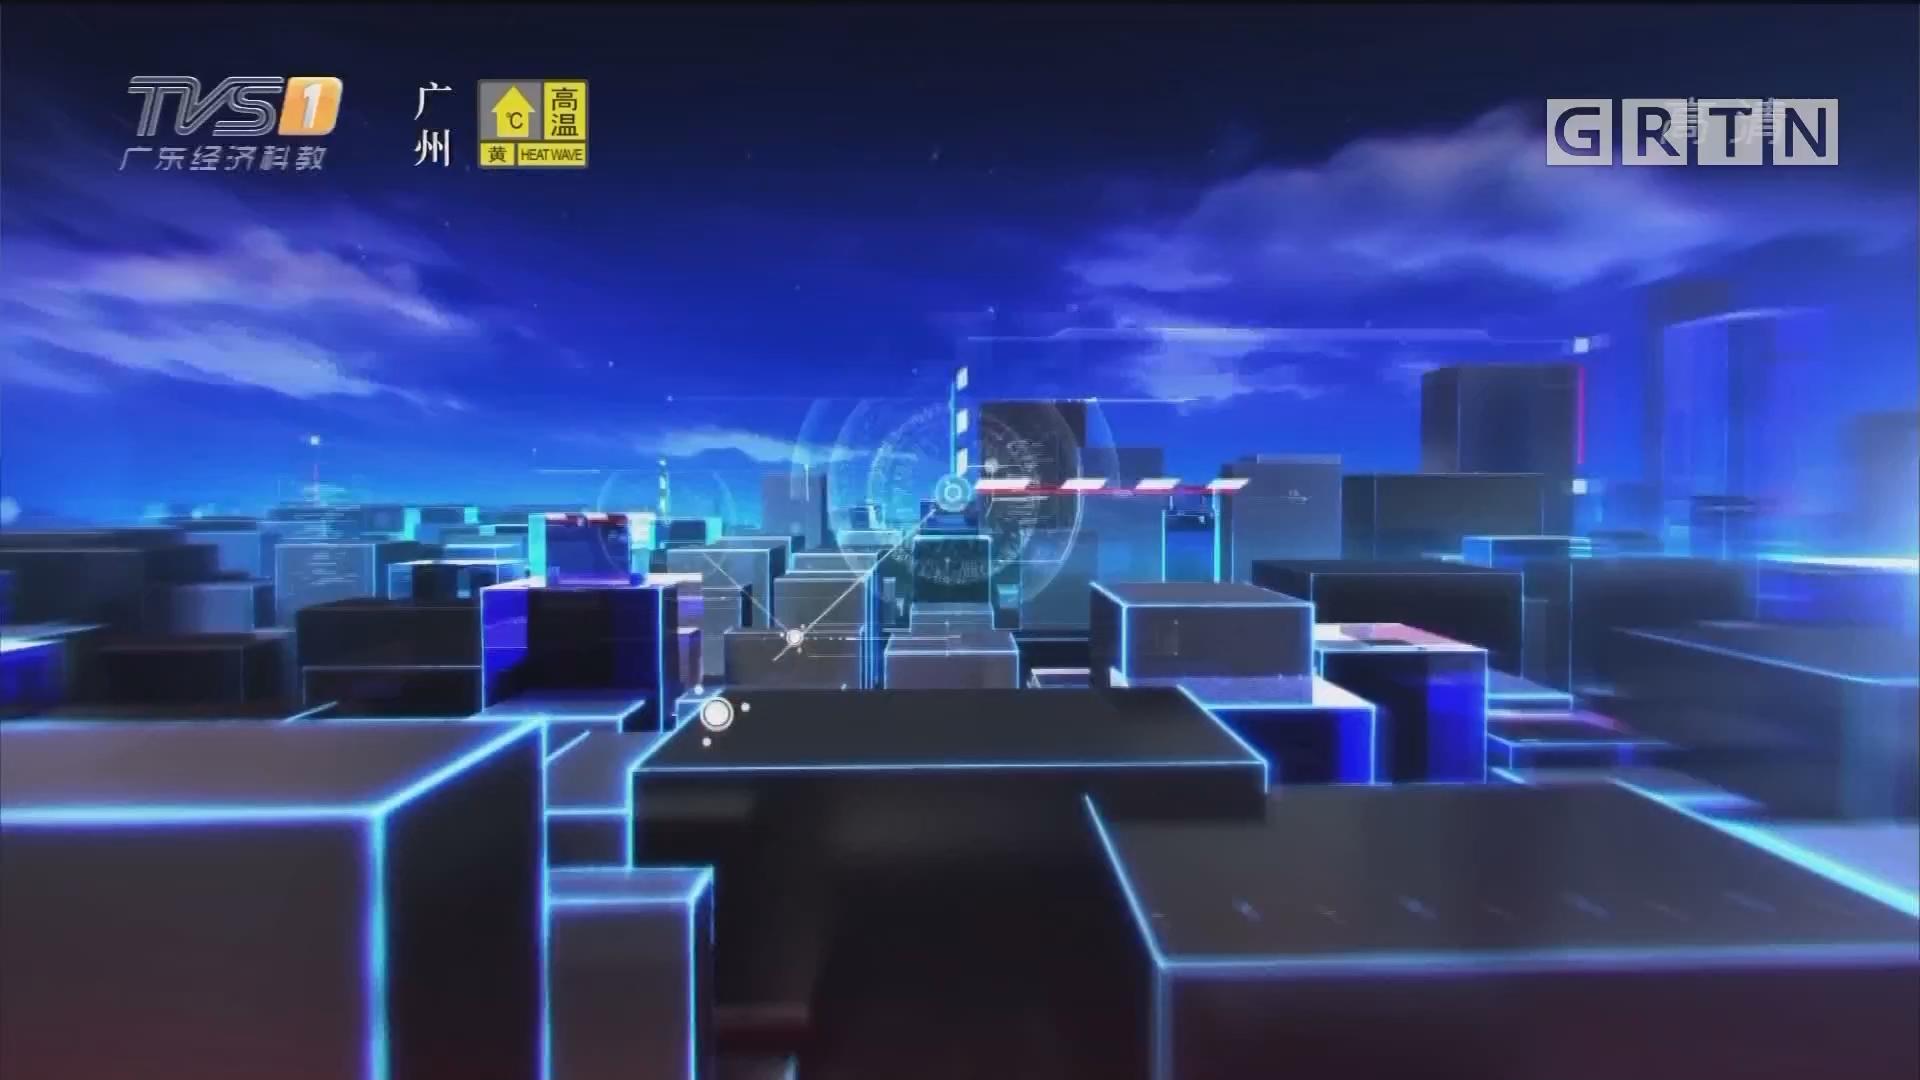 [HD][2019-08-13]今日一线:广州增城 监控视频显示:老人遭保姆虐待